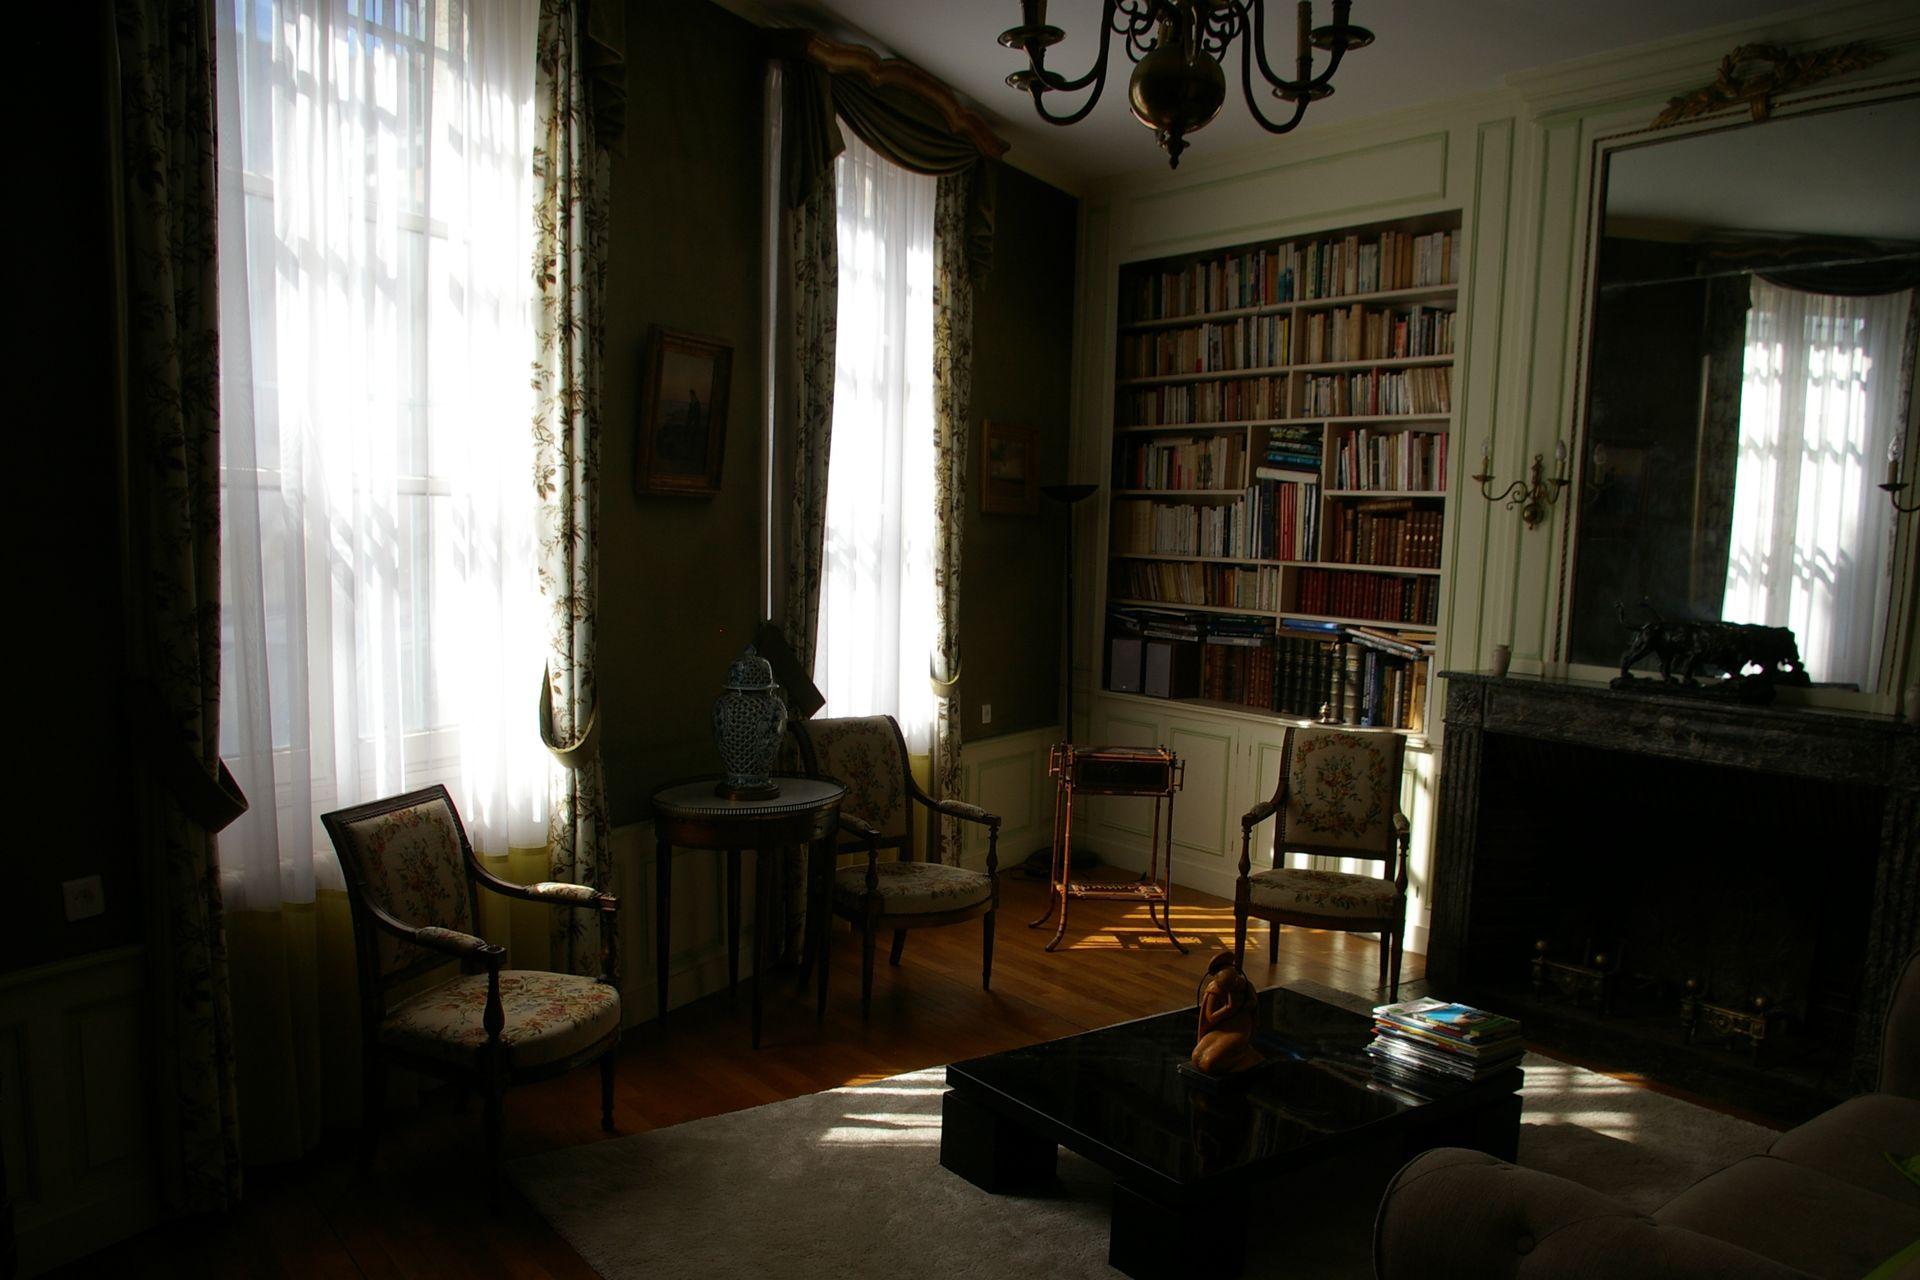 Koop 39 chambre d 39 hotes goede verdienste in centrum auxerre for Chambre commerce auxerre